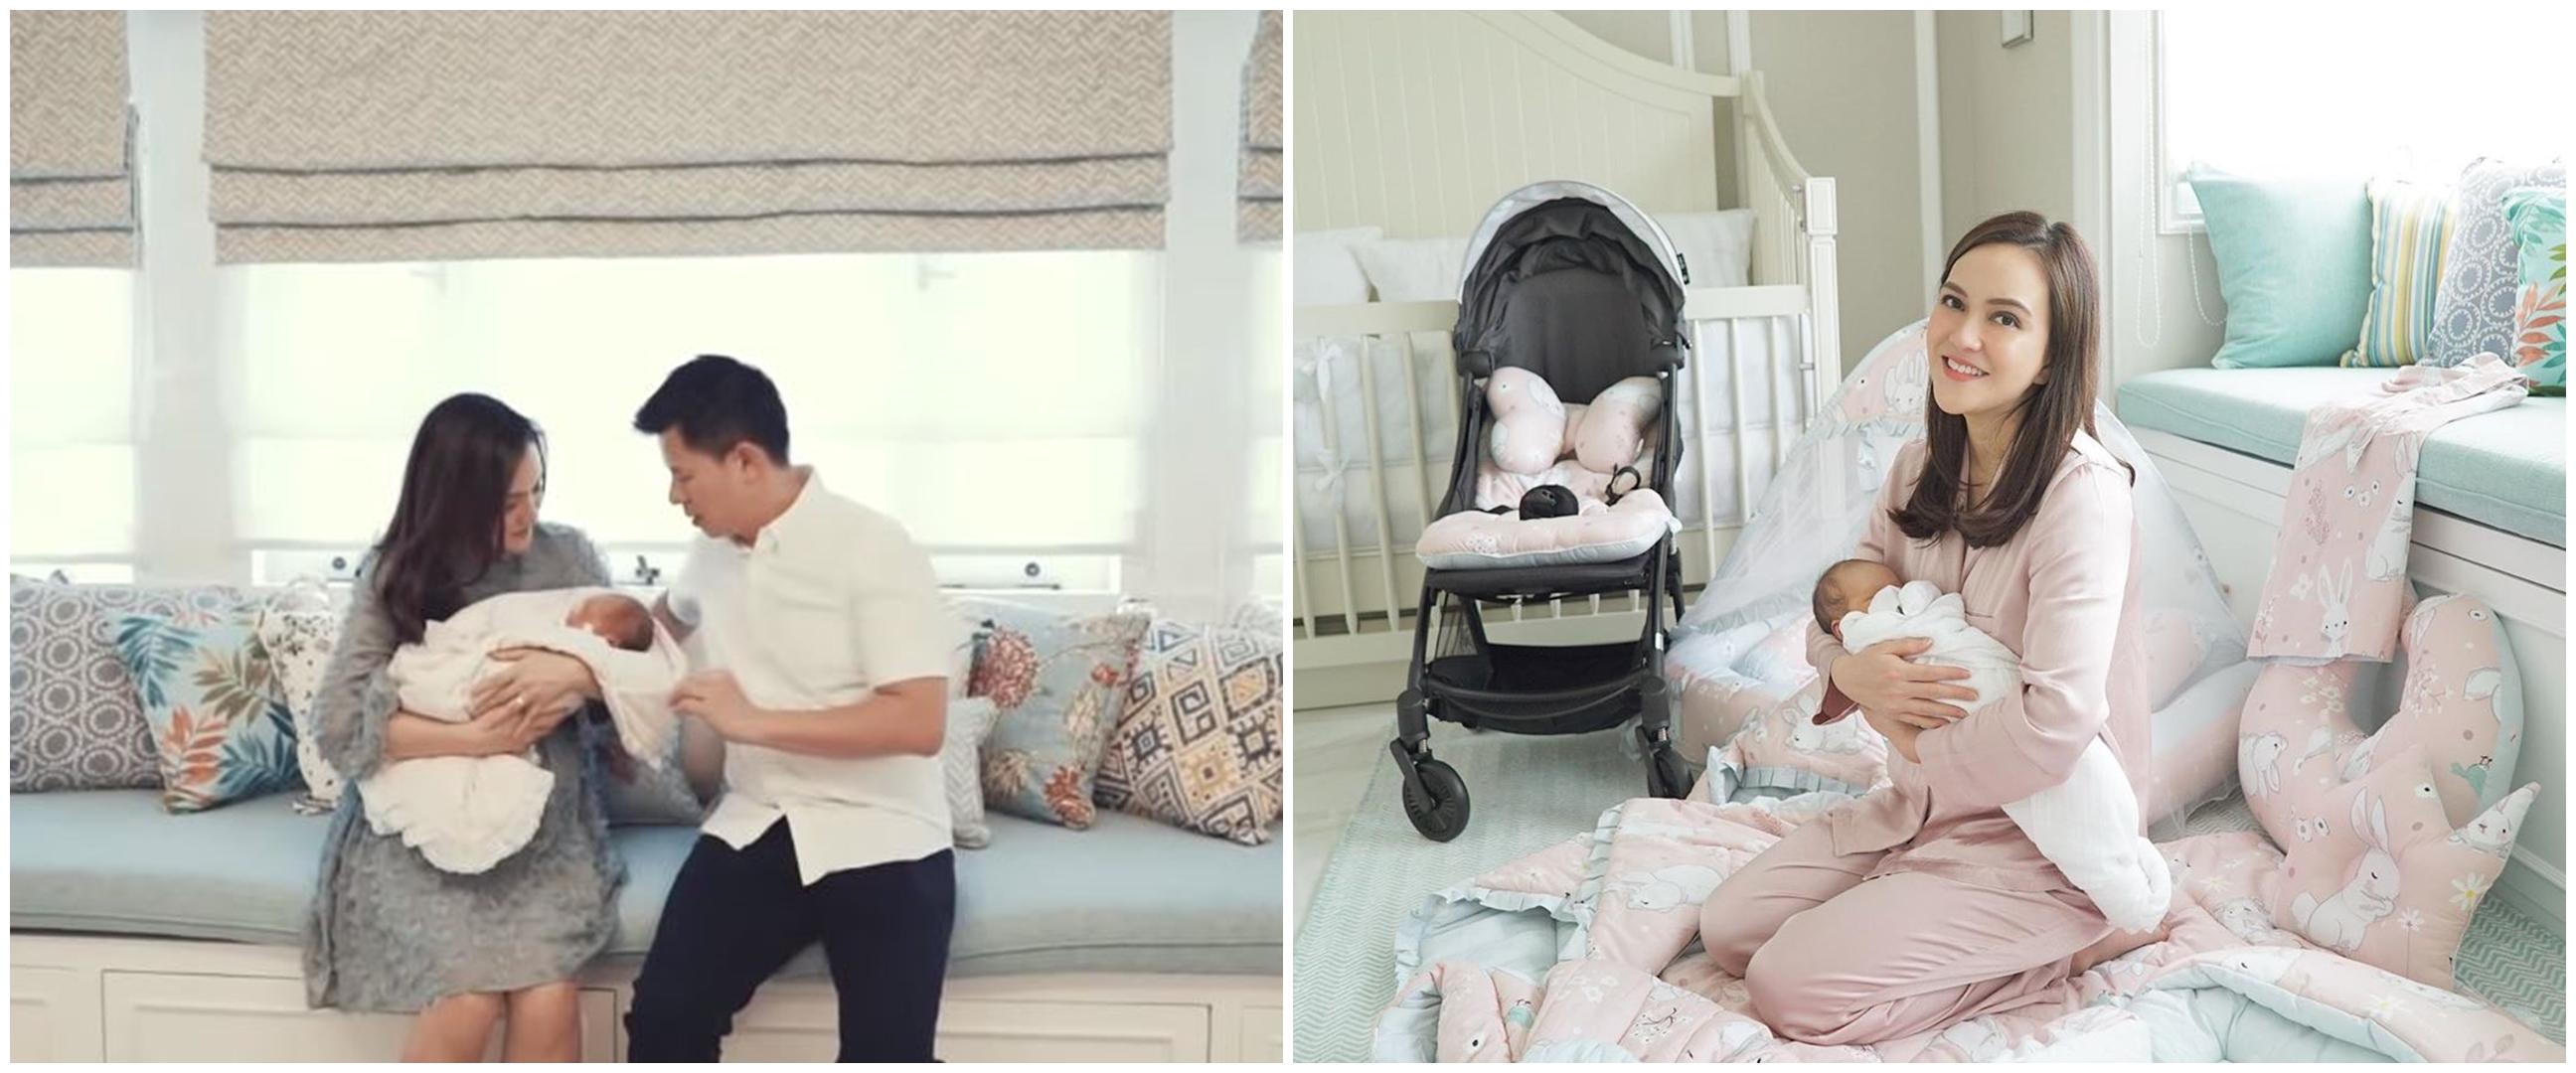 8 Potret kamar bayi Shandy Aulia yang baru lahir, mewah